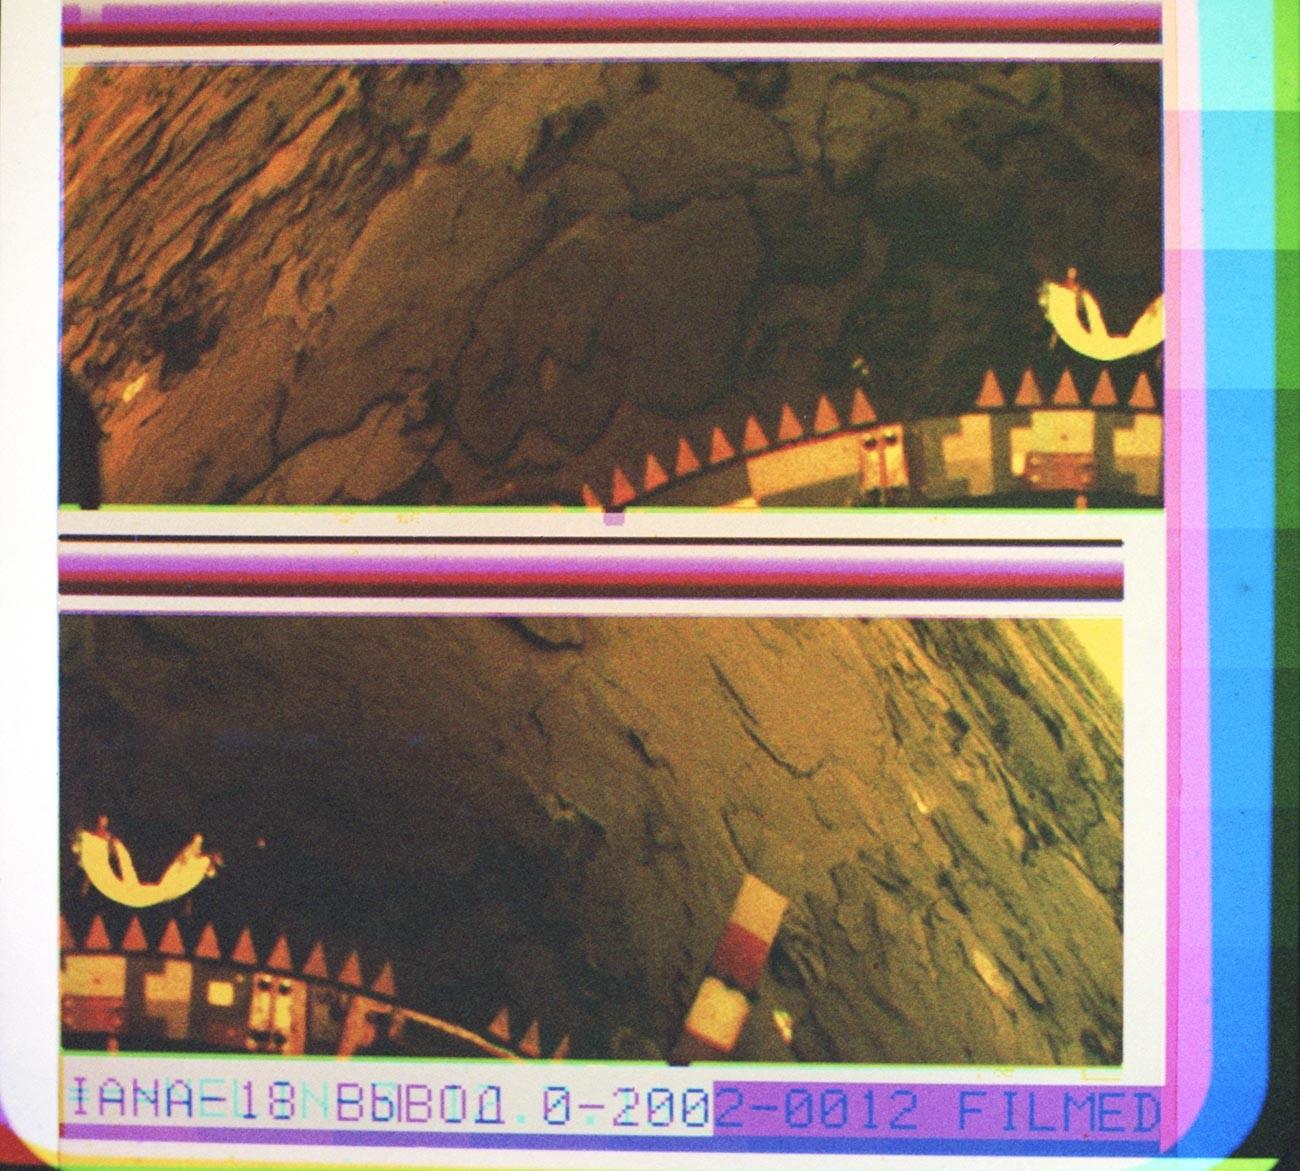 Цветное панорамное изображение поверхности Венеры, переданное с борта спускаемого аппарата станции